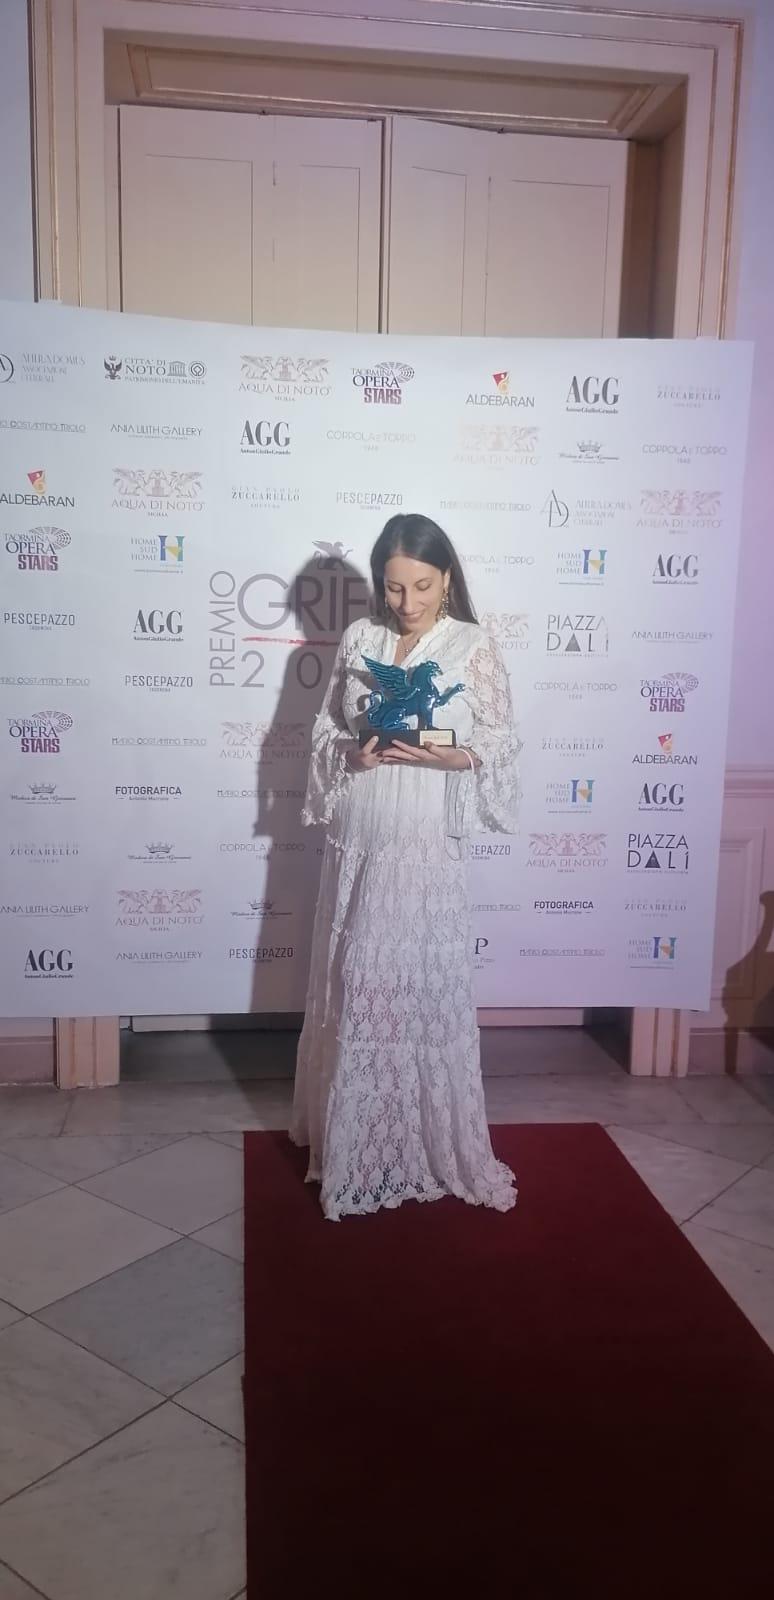 Premio Grifo 2021: la calabrese Stefania Sammarro premiata in Sicilia per la sua fotografia d'arte concettuale